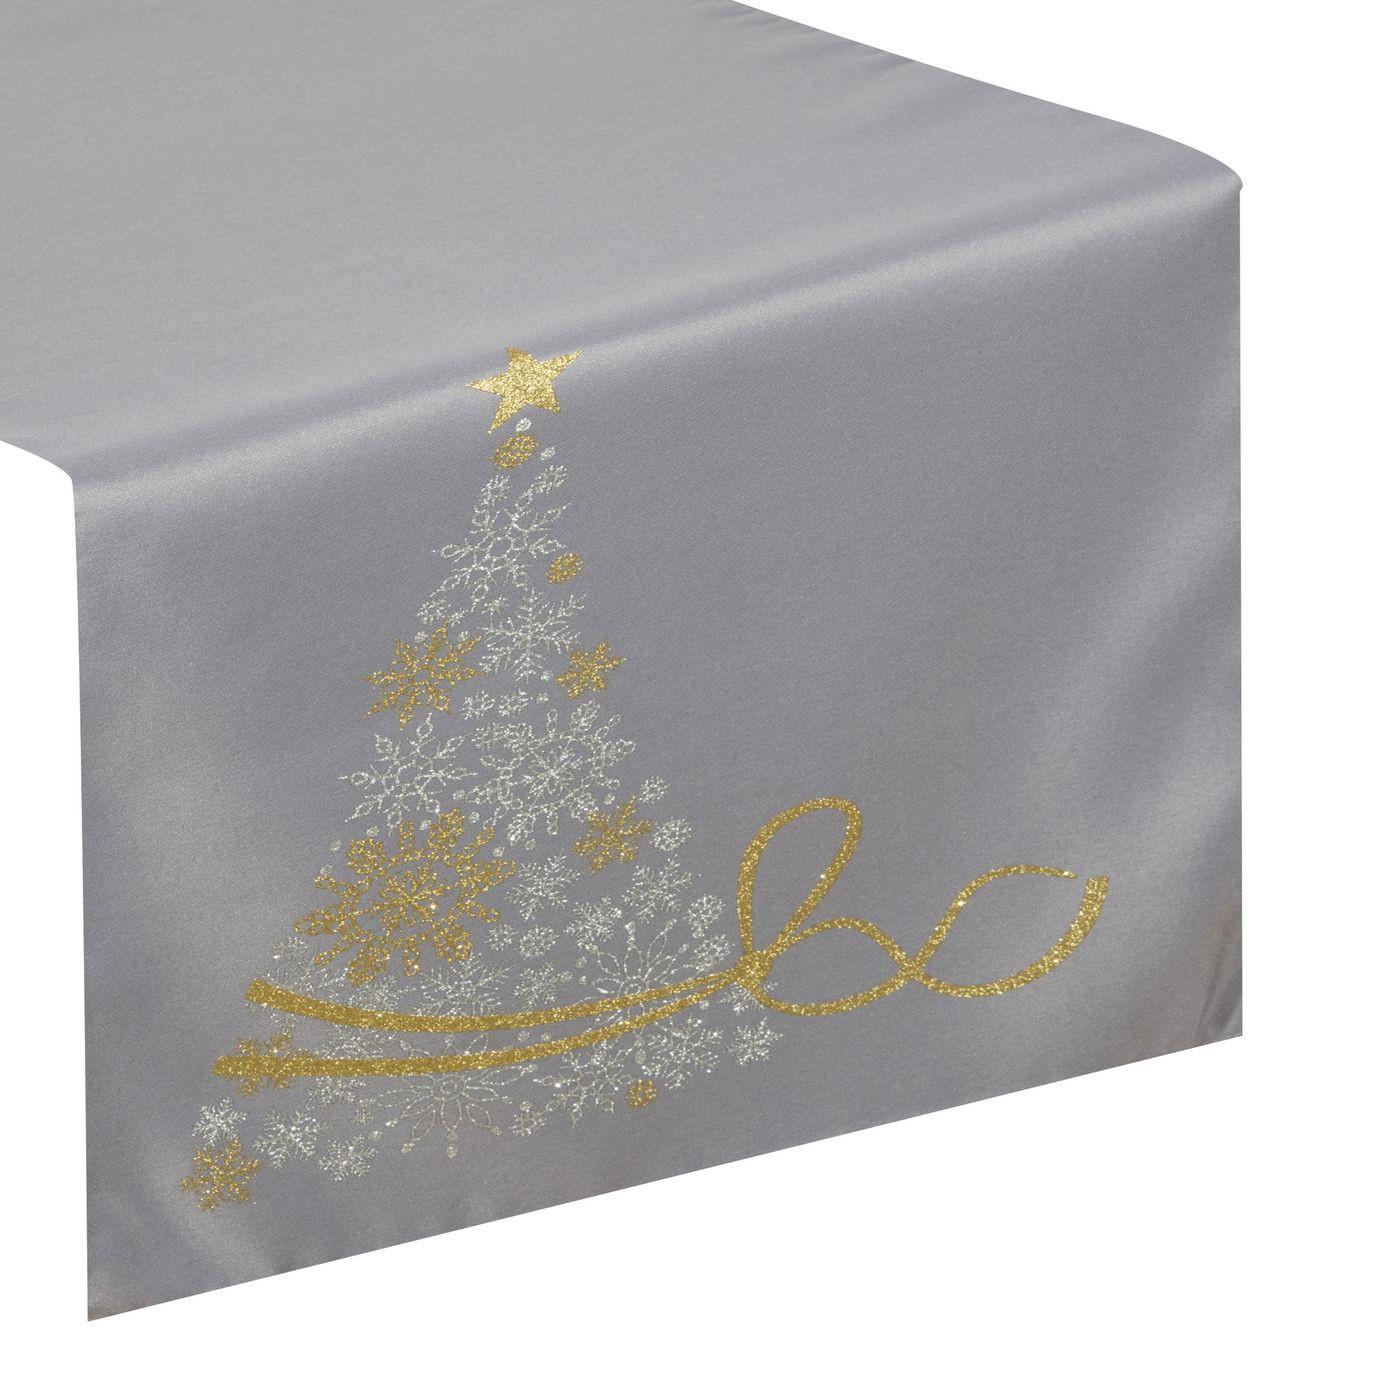 Srebrny bieżnik świąteczny z choinką 40x140 cm